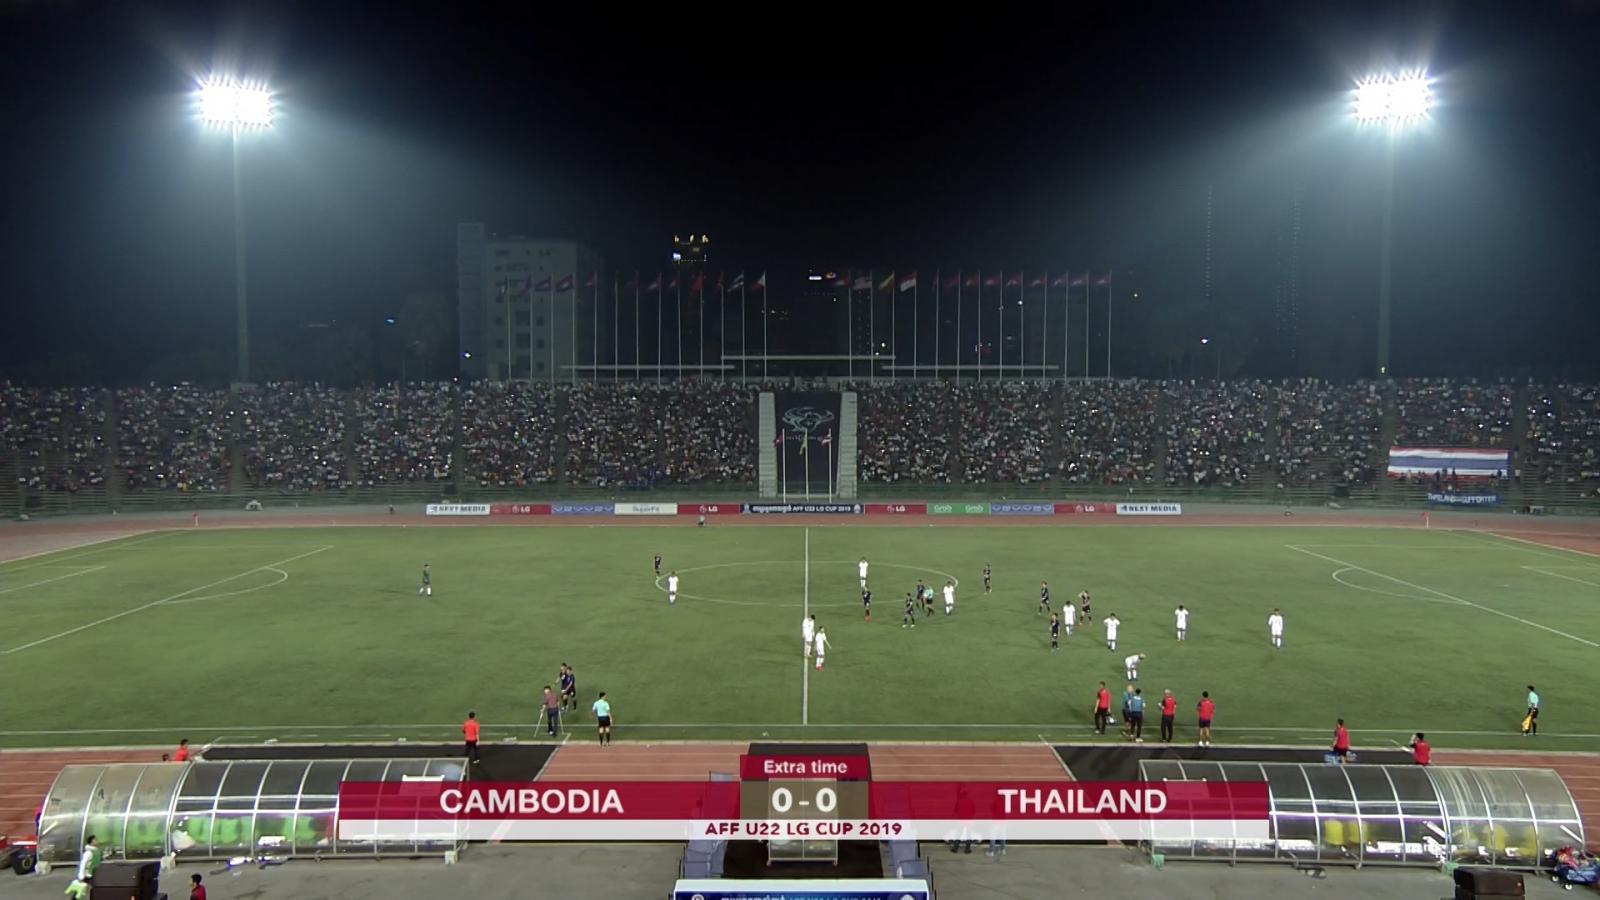 ไฮไลท์ ทีมชาติไทย เอาชนะทีมชาติกัมพูชา ด้วยการดวลจุดโทษ สกอร์ 5 - 3